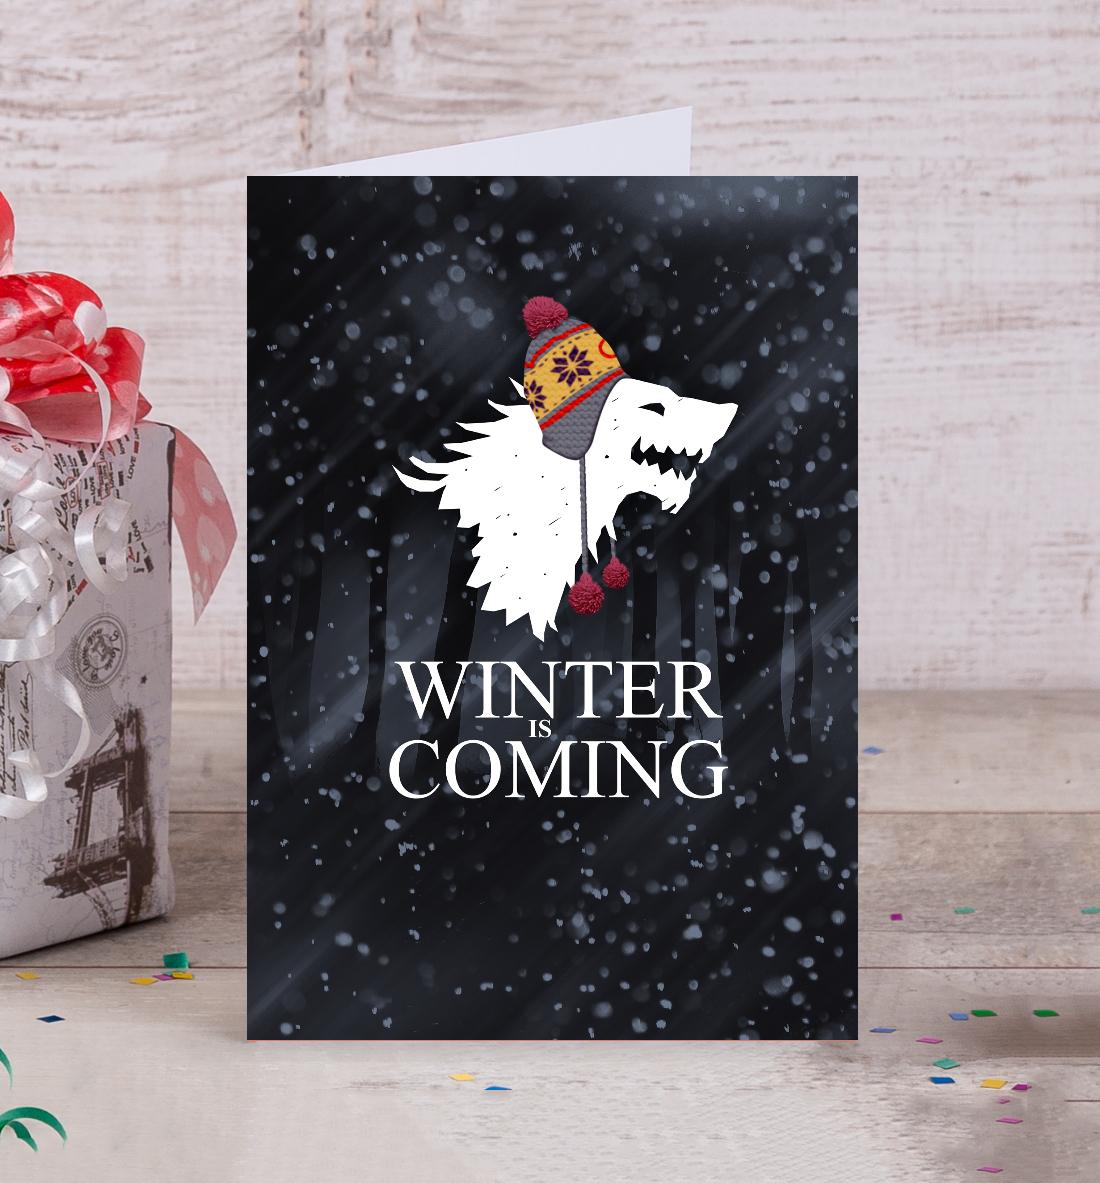 Купить Зима близко, Printbar, Открытки, IGR-496837-otk